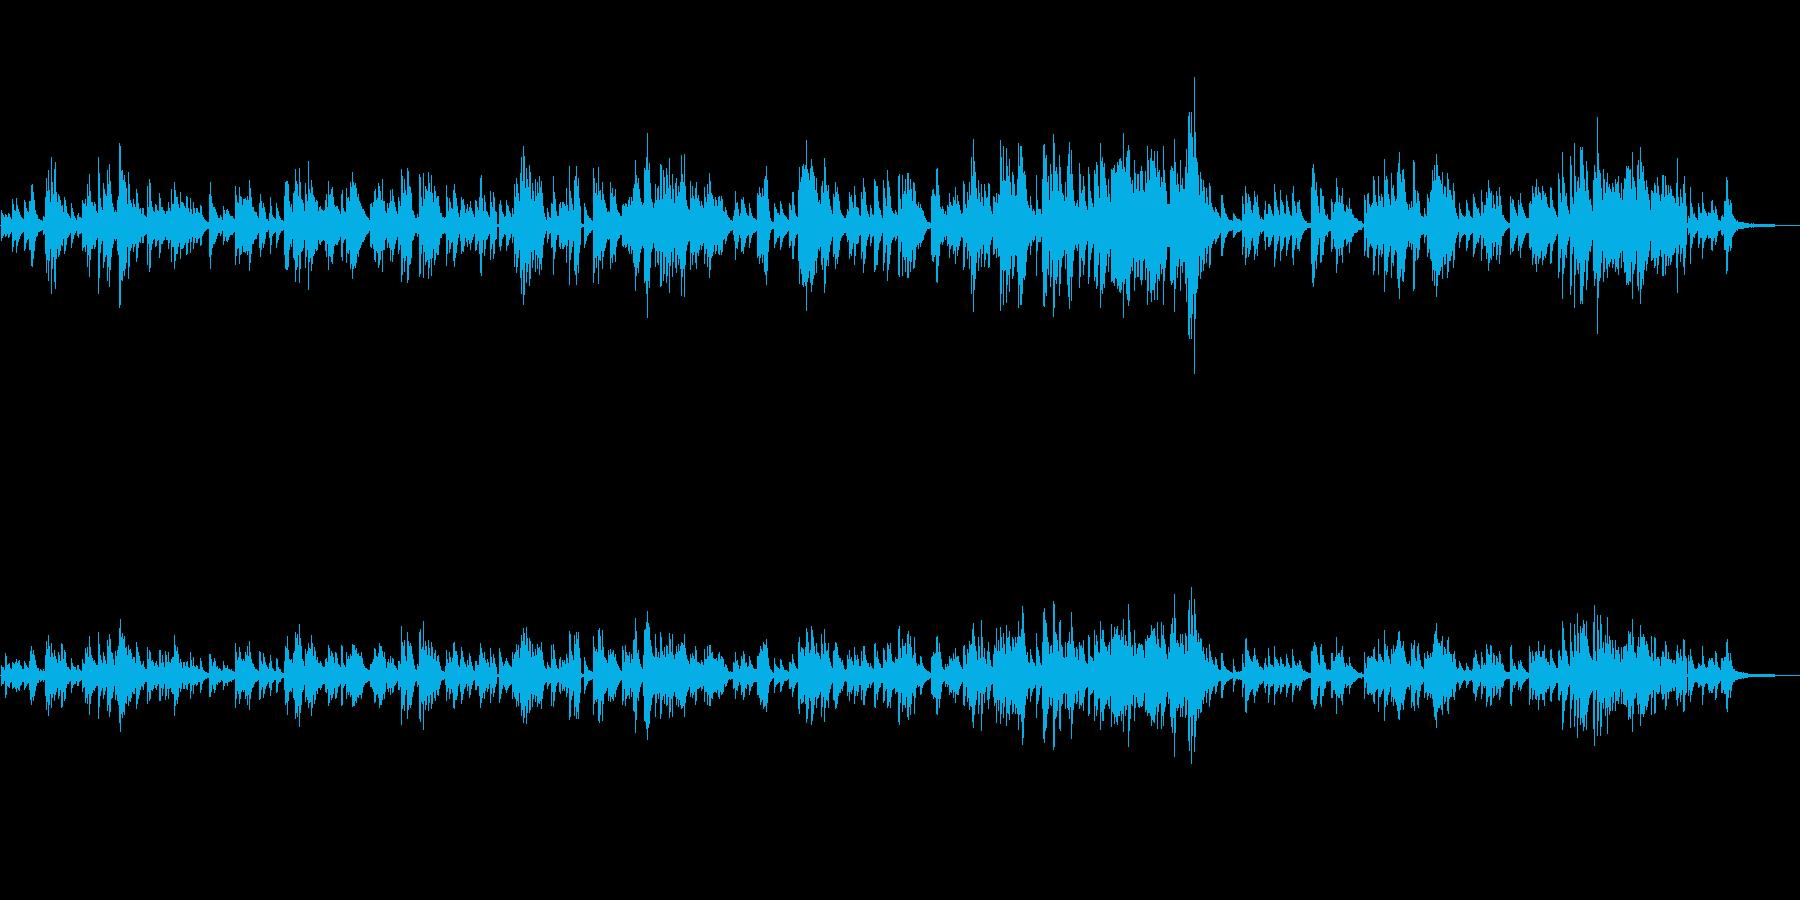 生ピアノソロ・ゆったりしたジャズピアノの再生済みの波形